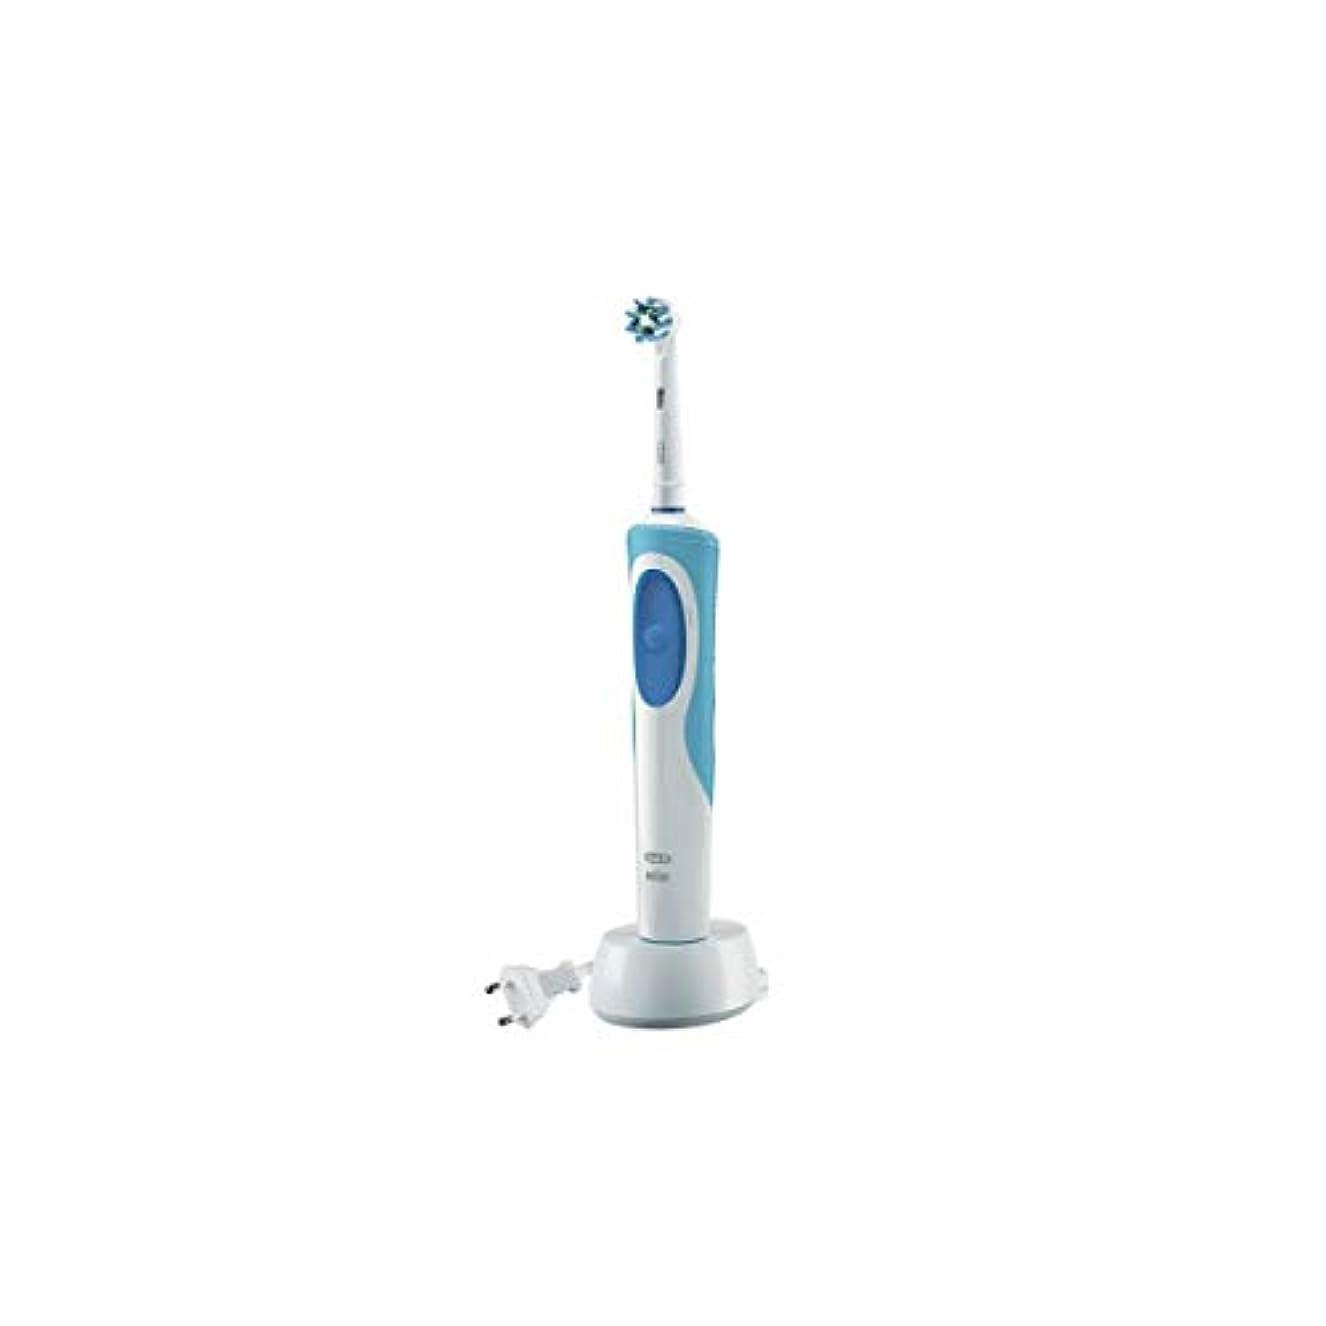 立ち寄る建物重力Oral B Vitality Cross Action Electric Toothbrush [並行輸入品]